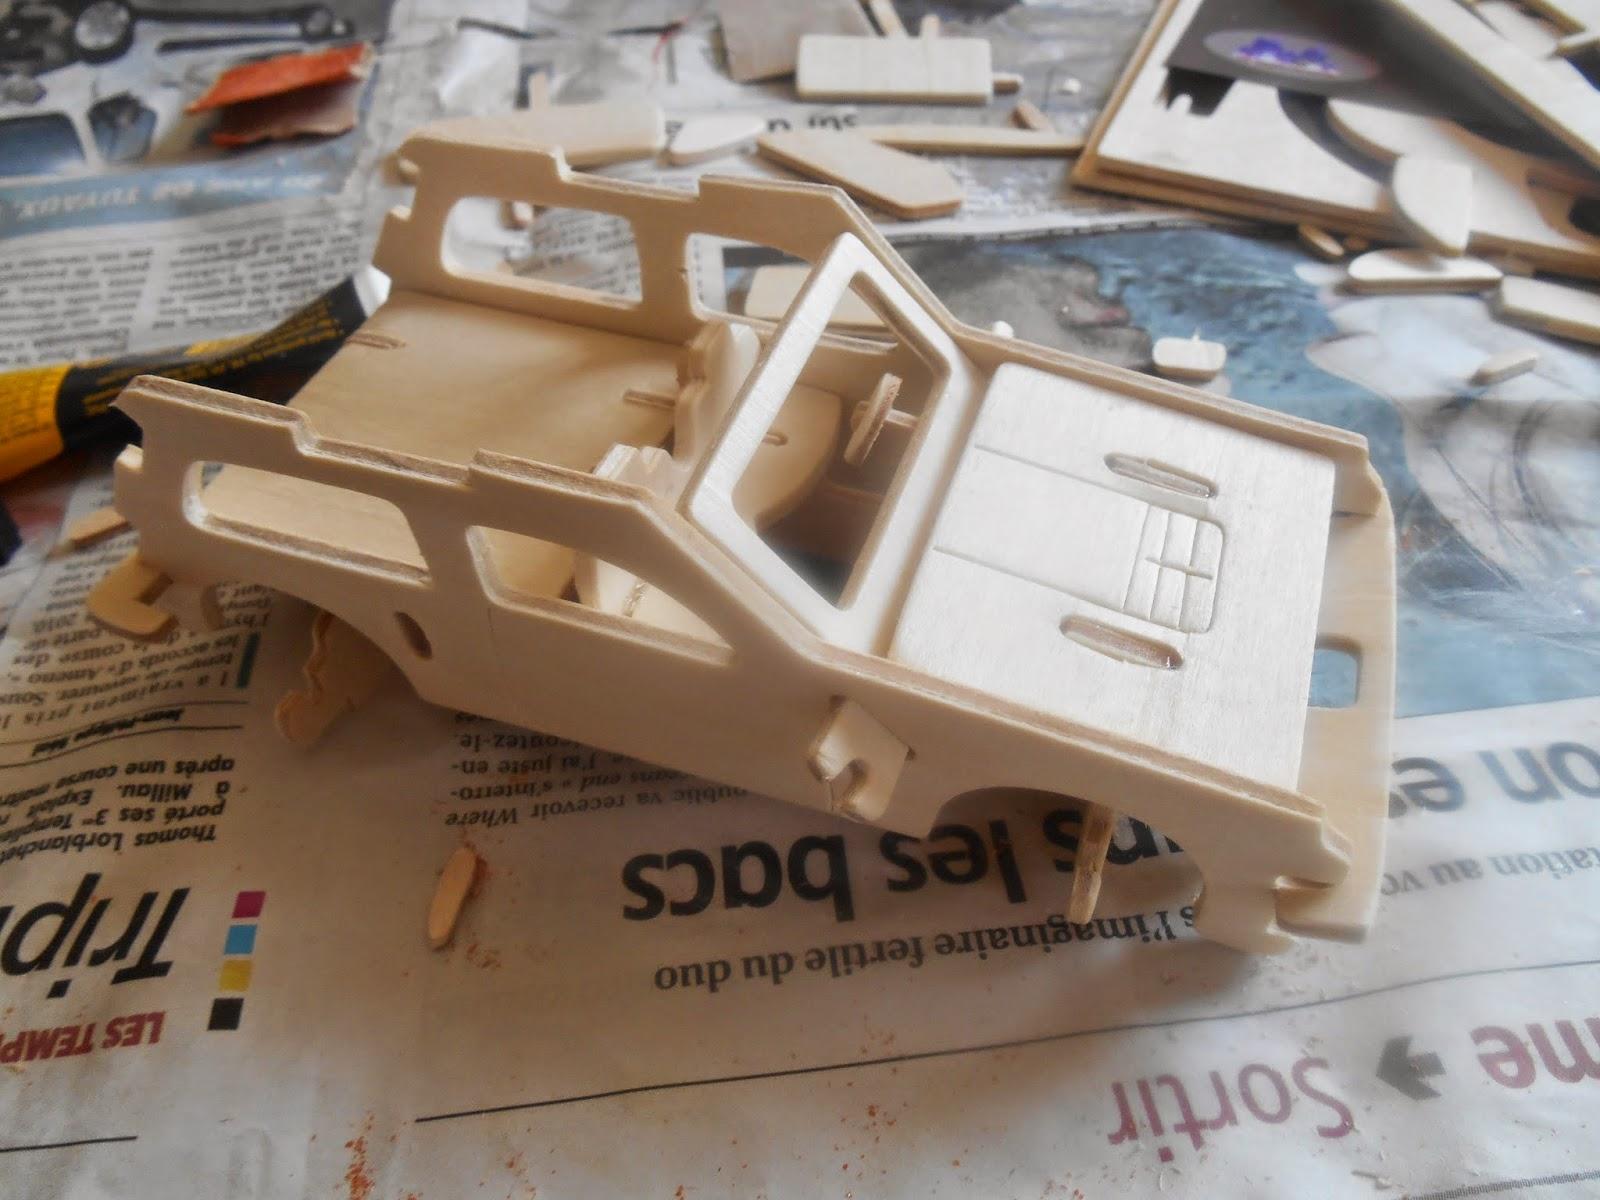 maquettes et miniatures maquette en bois r5 gt turbo rally. Black Bedroom Furniture Sets. Home Design Ideas